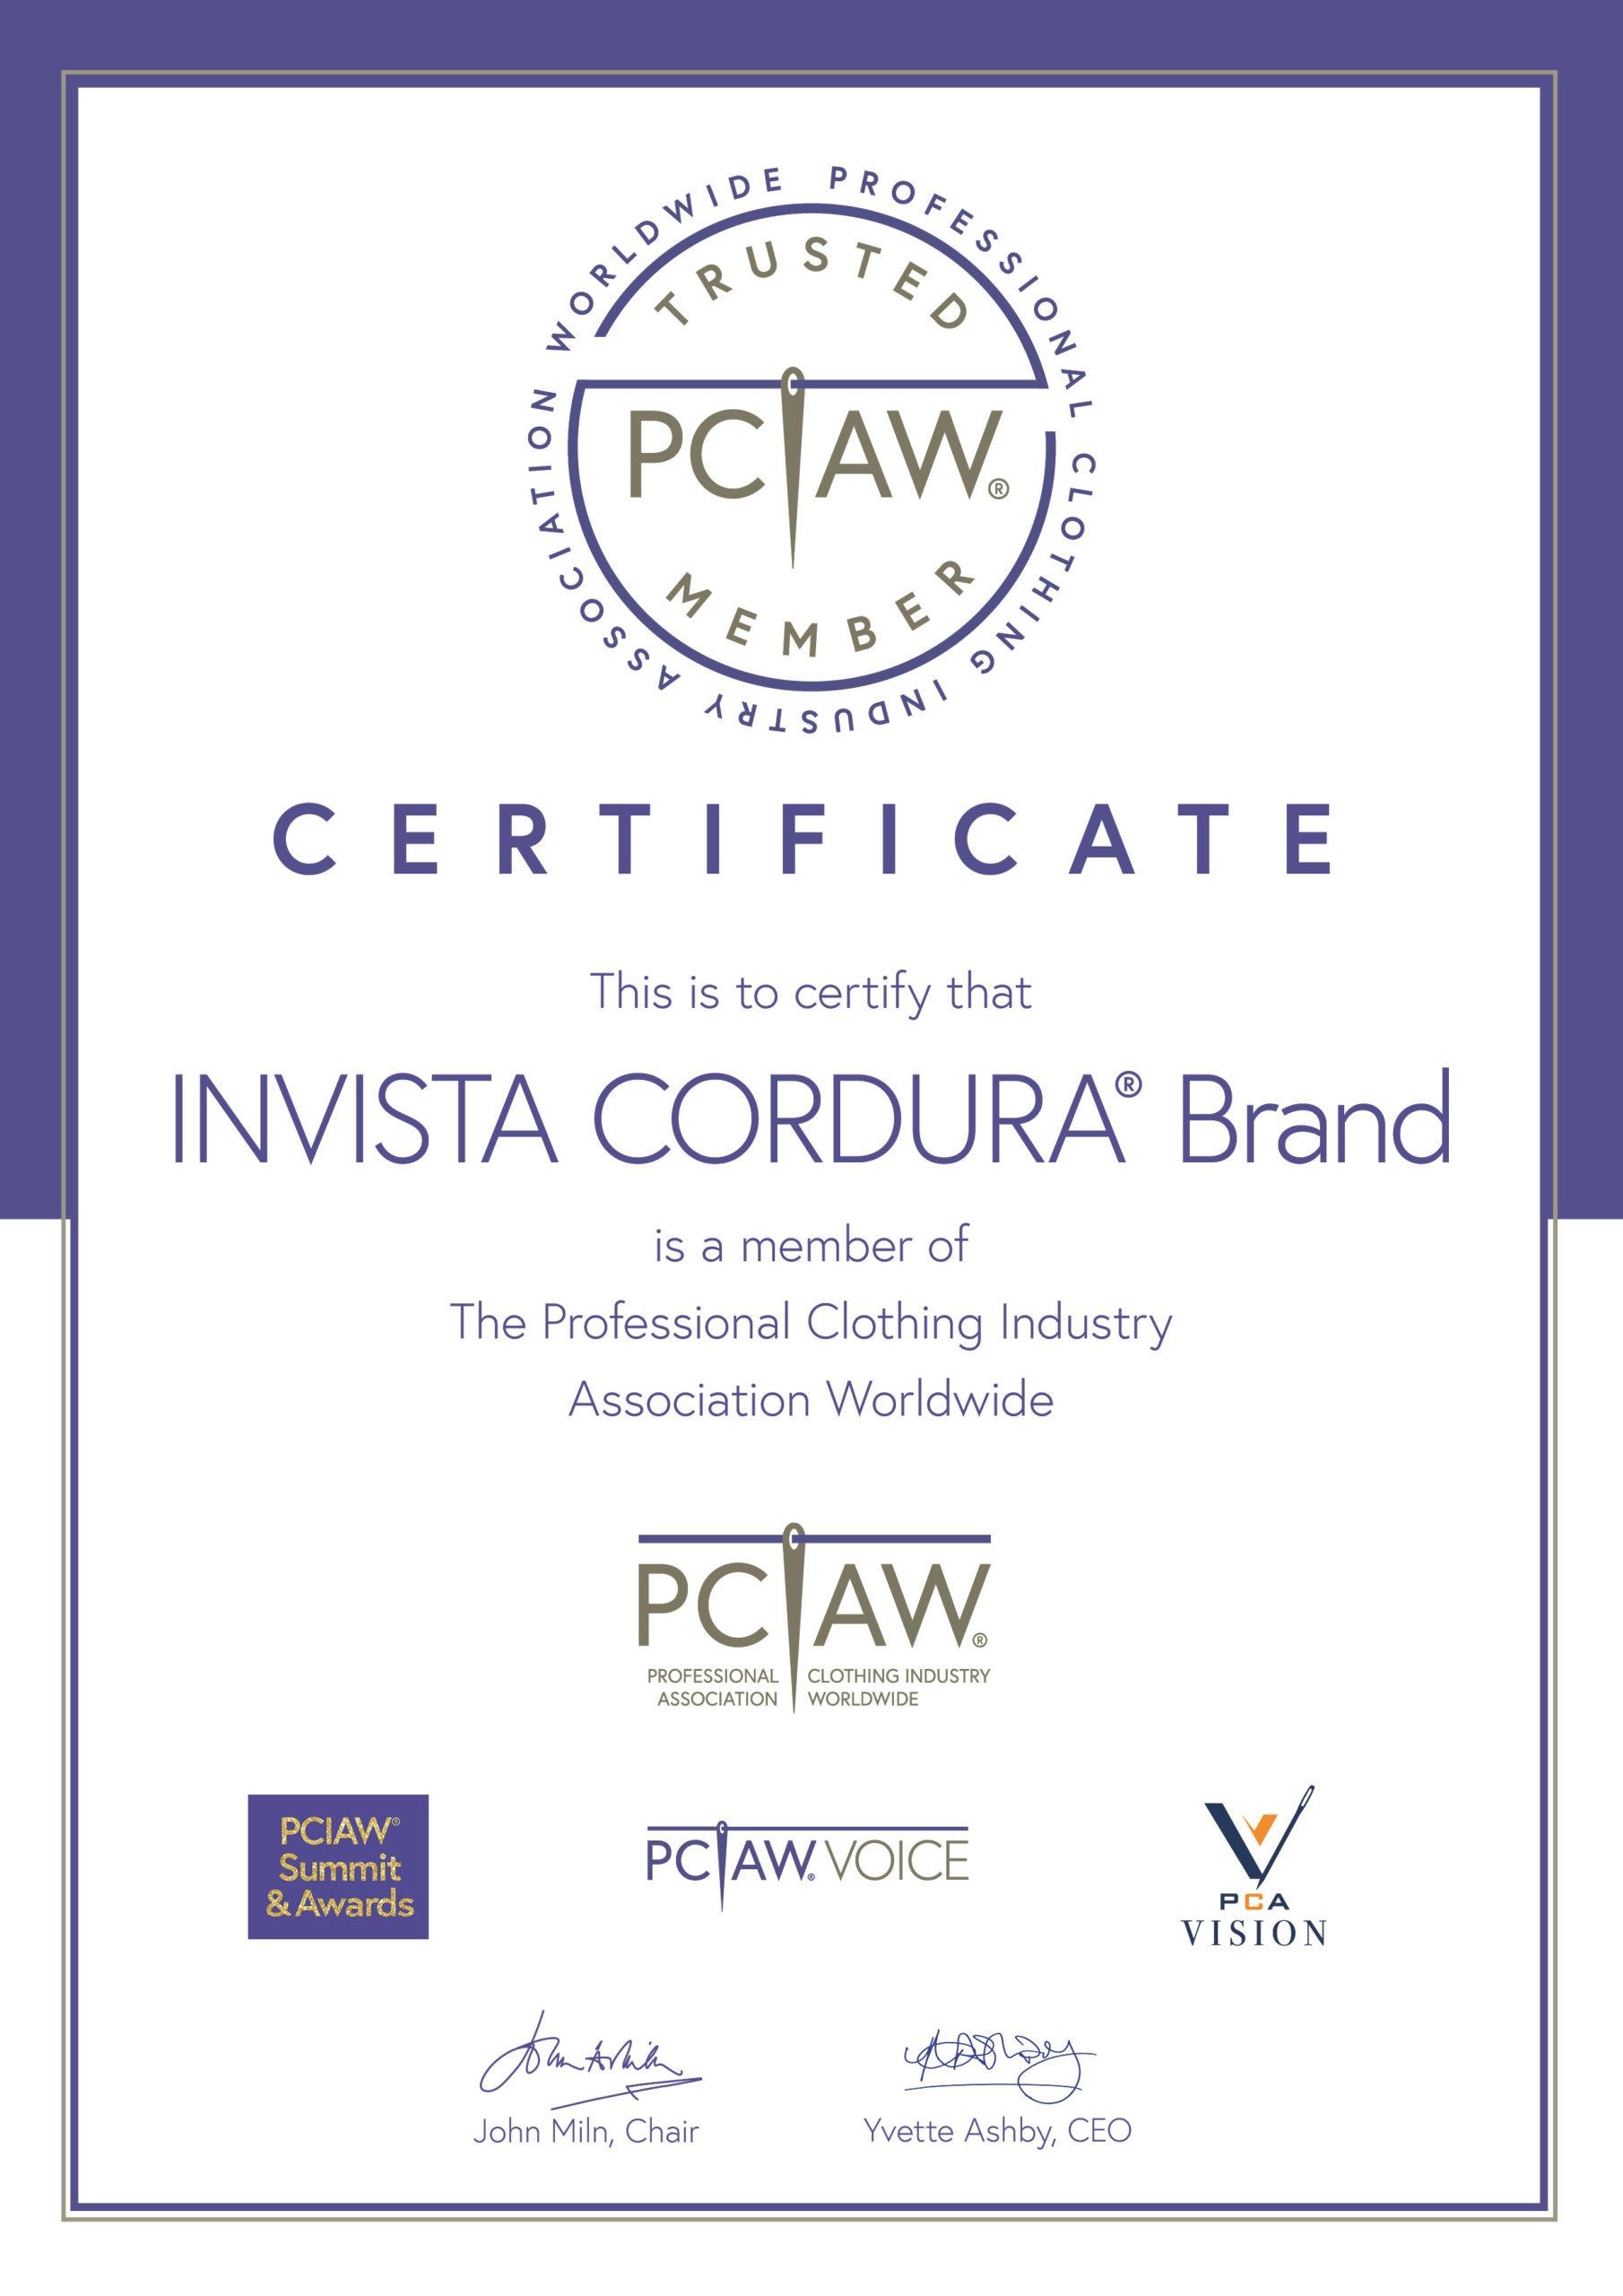 INVISTA CORDURA® Brand